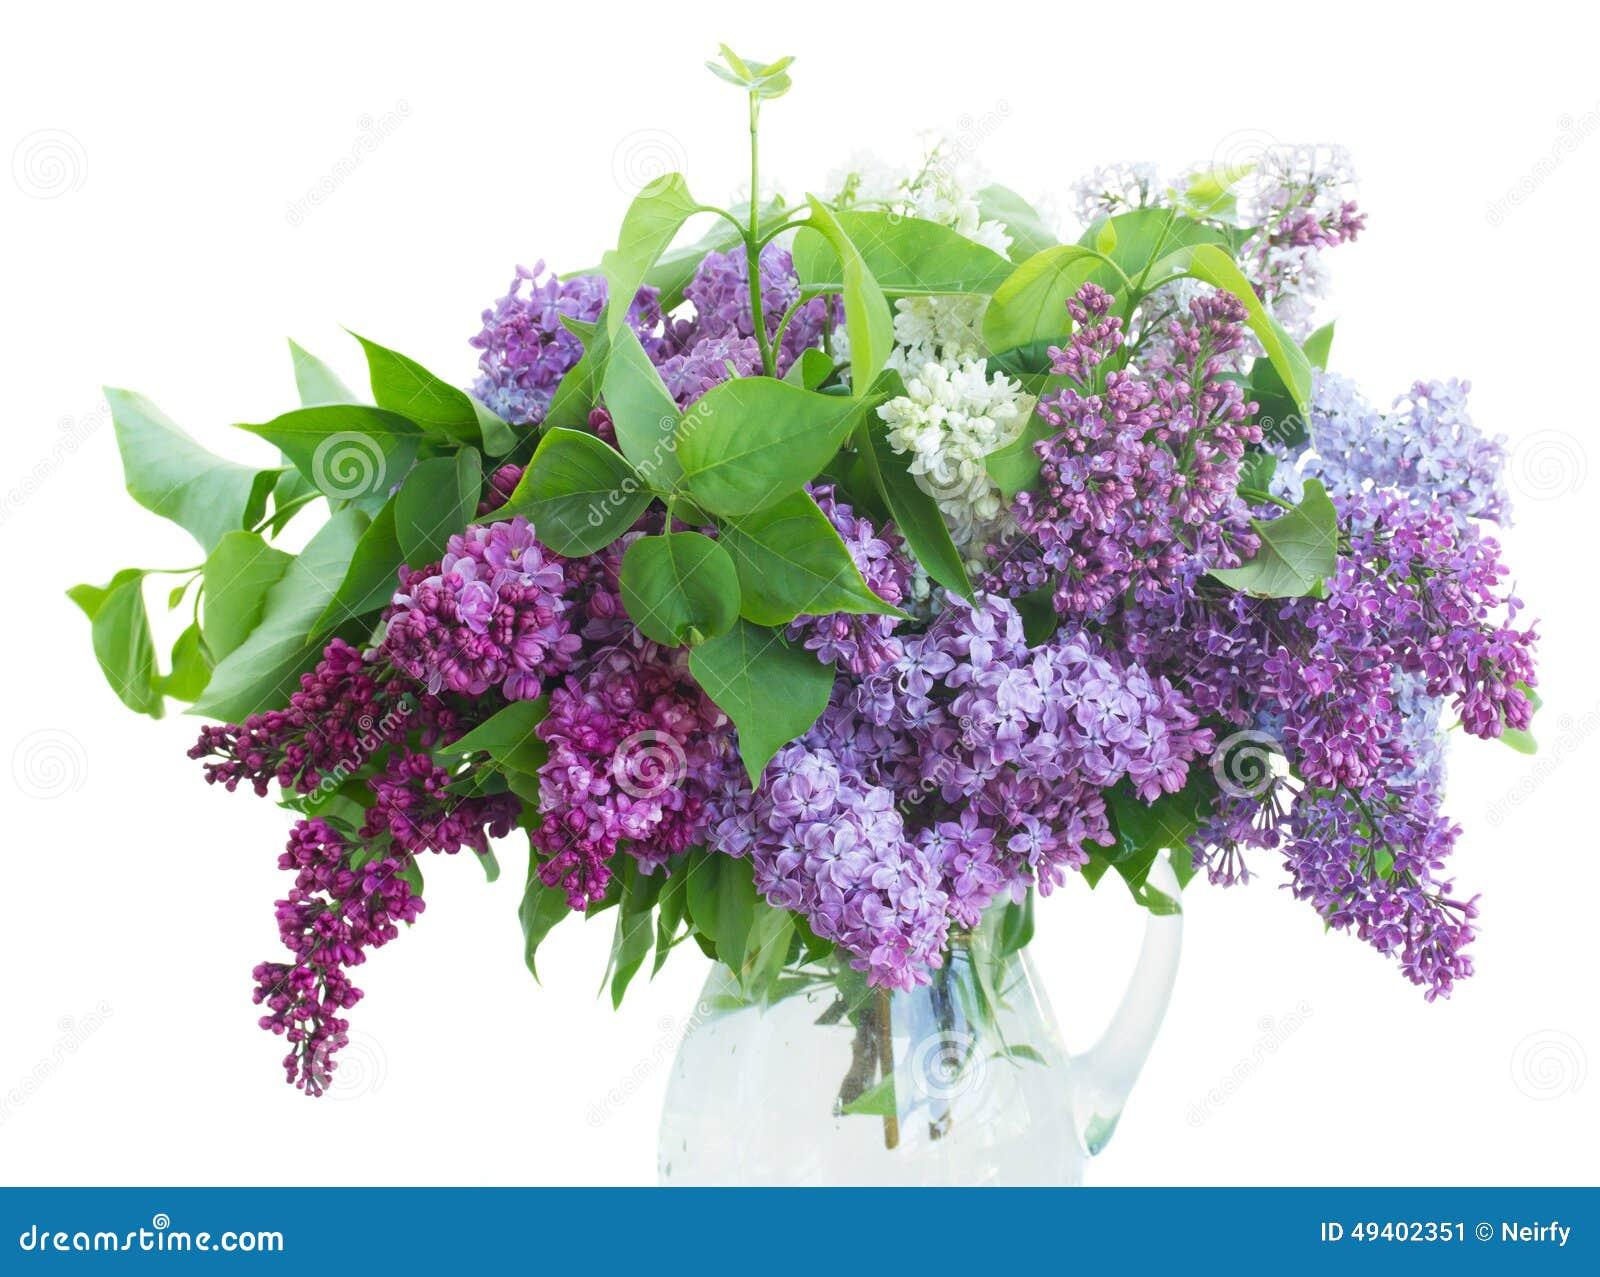 Download Flieder im Vase stockbild. Bild von sonderkommandos, hell - 49402351